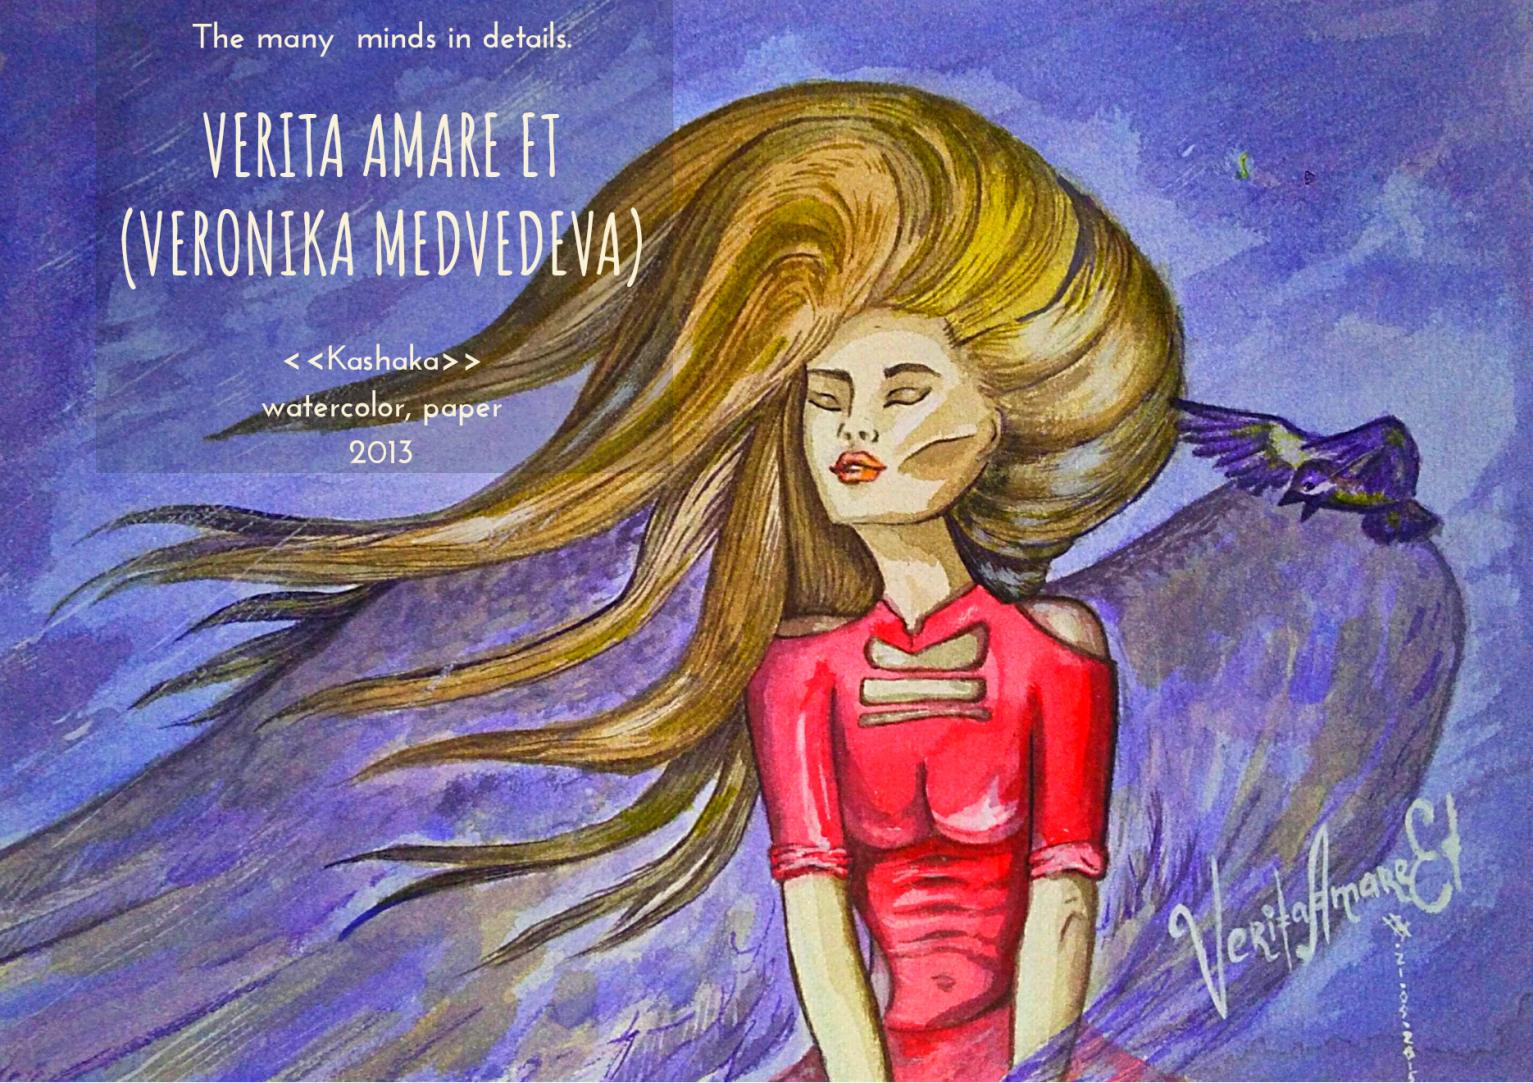 Verita Amare Et: An Artistic Genius of Our Time